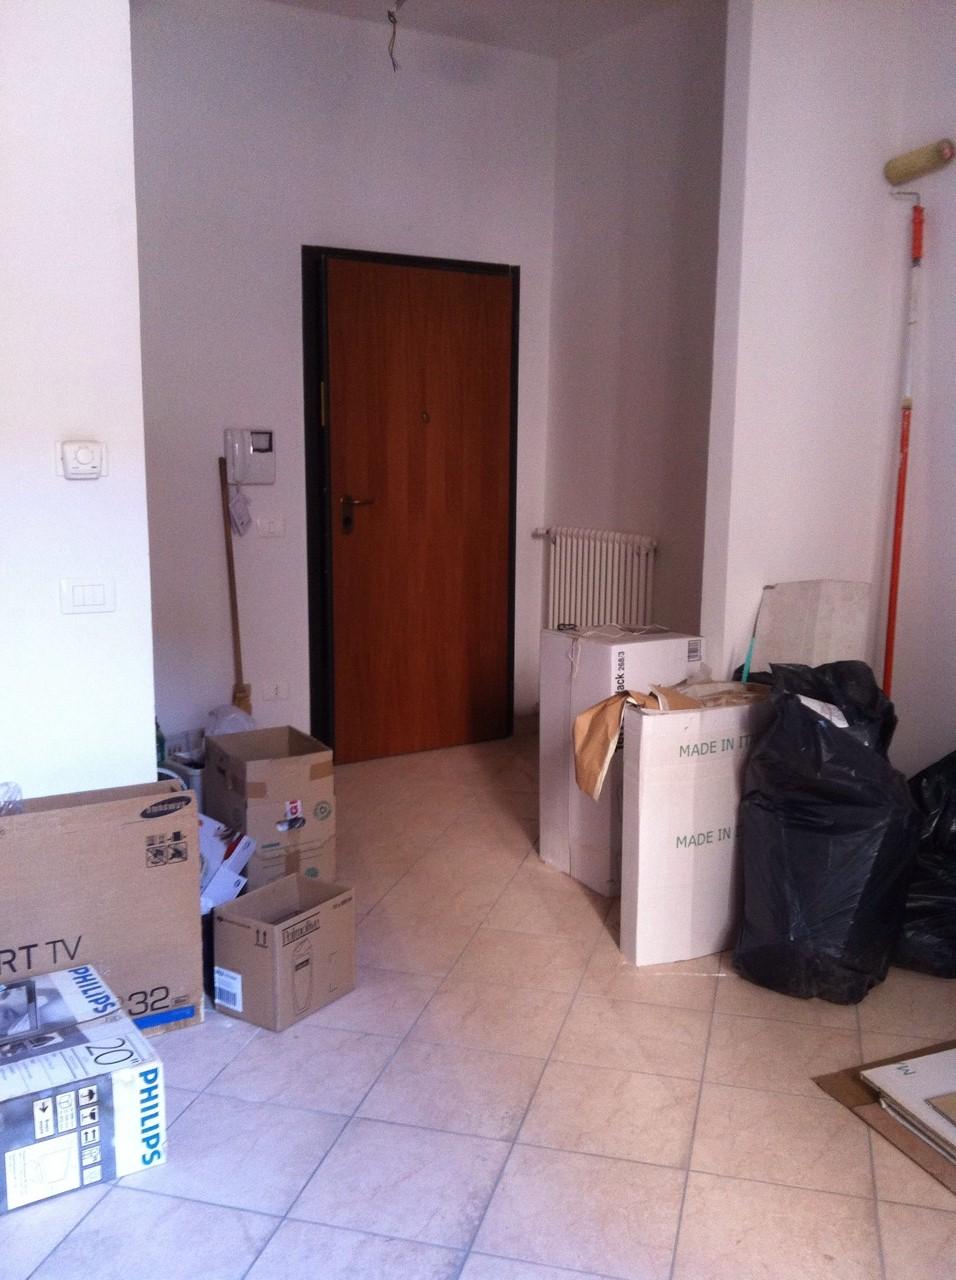 Appartamento in affitto a Faenza, 2 locali, zona Località: CENTRO, prezzo € 450 | Cambio Casa.it